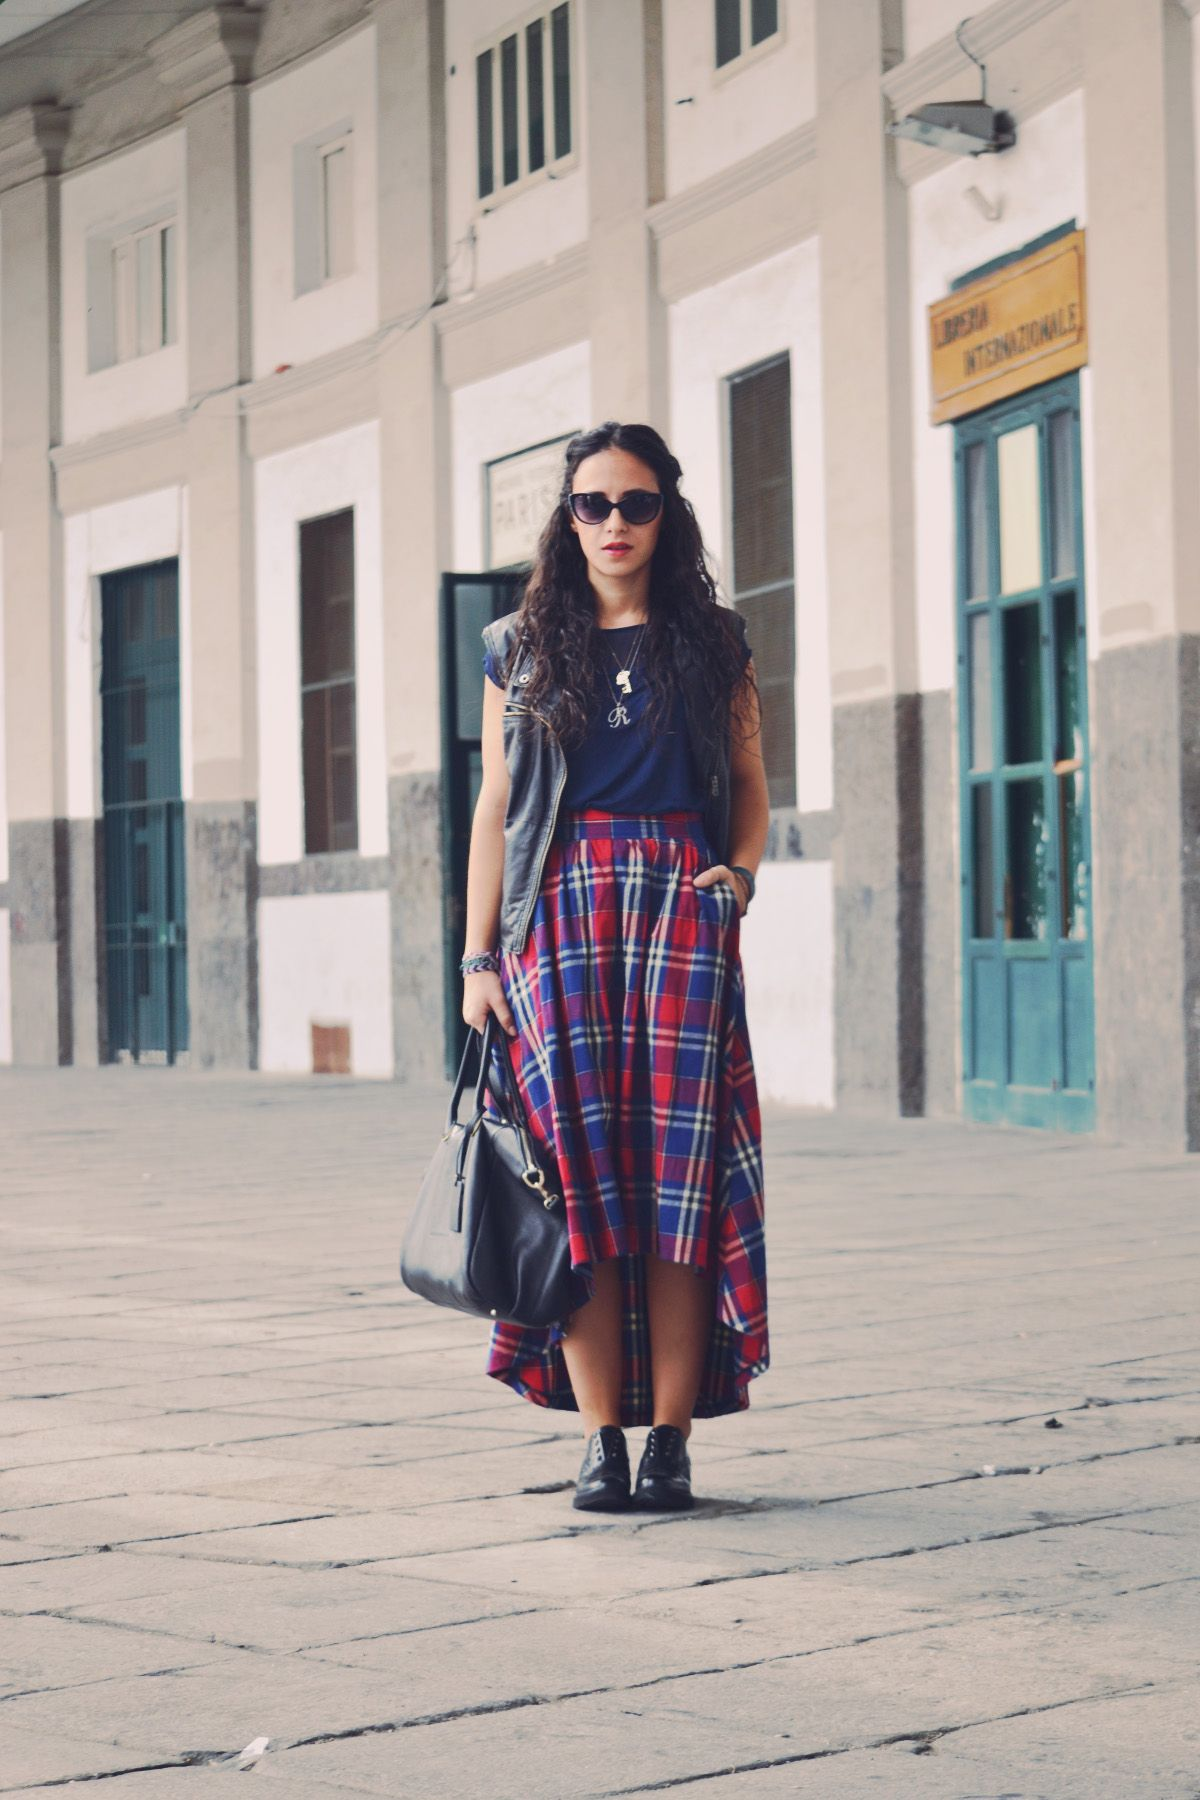 tartan skirt outfit